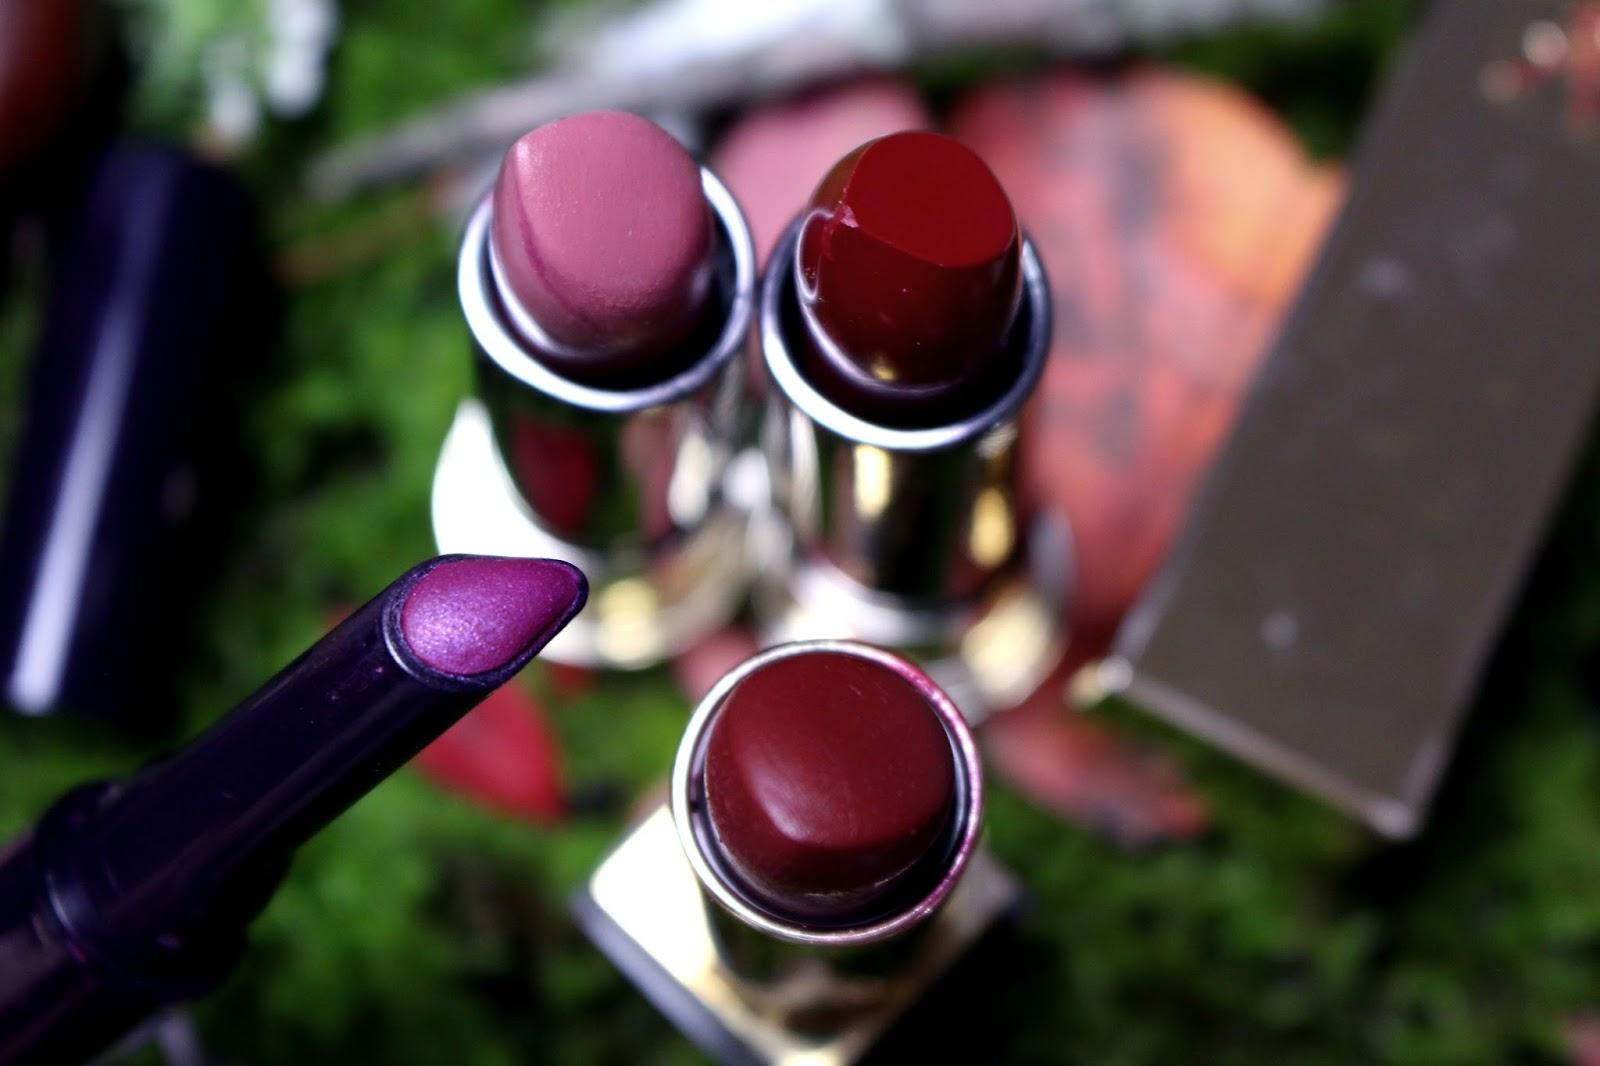 Rouges à Lèvres de l'Automne